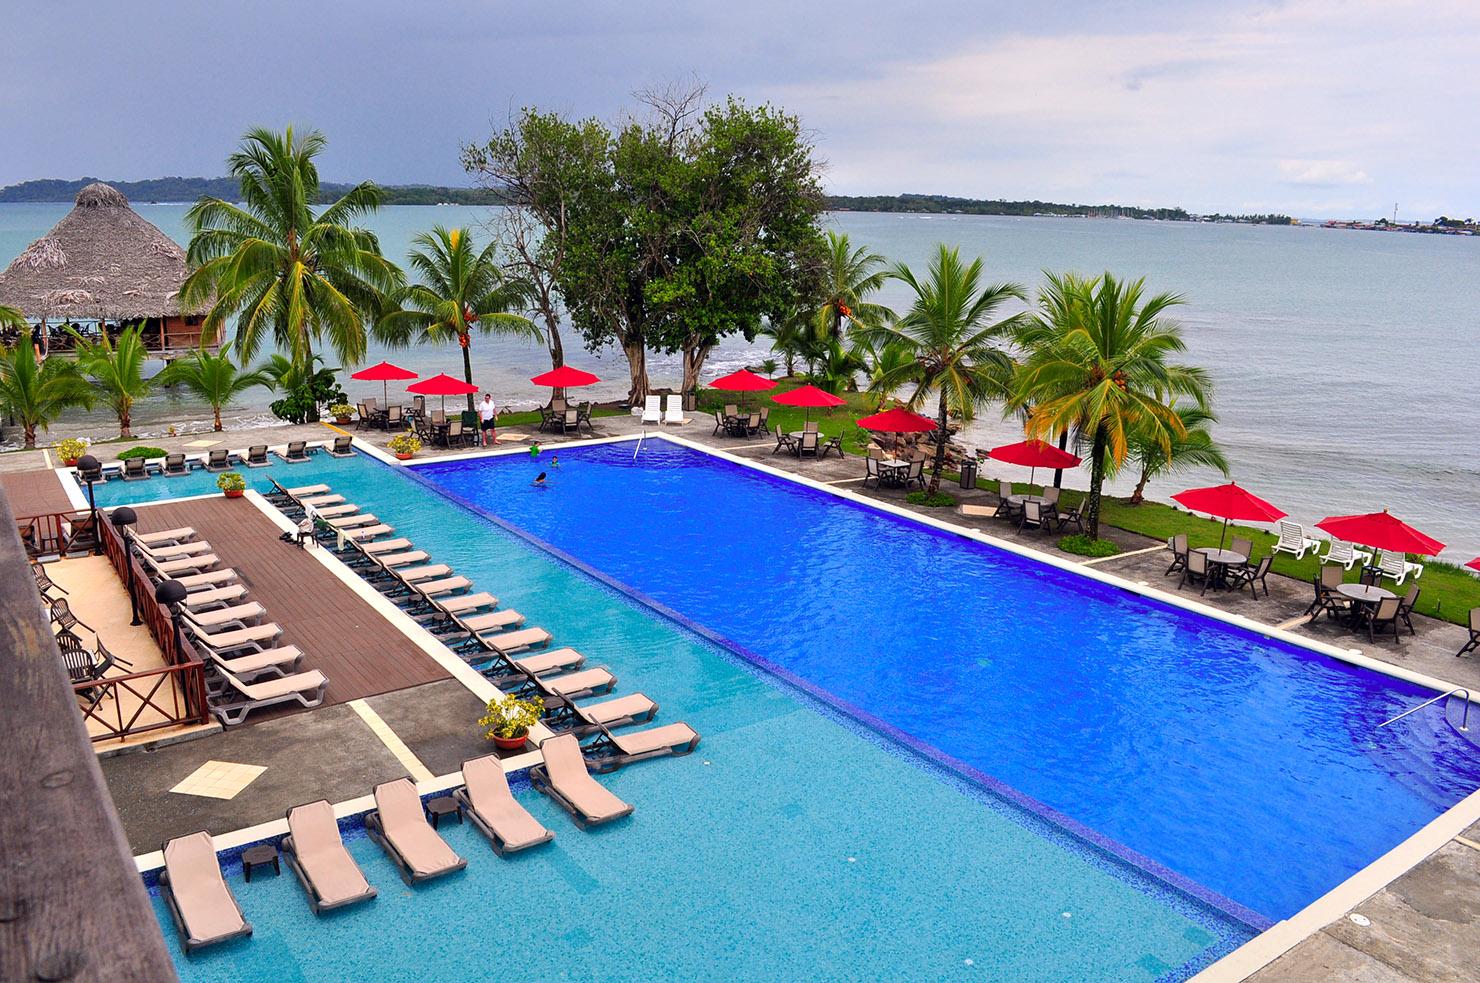 Viajar a Costa Rica / Ruta por Costa Rica en 3 semanas ruta por costa rica - 24377761178 85a3e065a4 o - Ruta por Costa Rica en 3 semanas